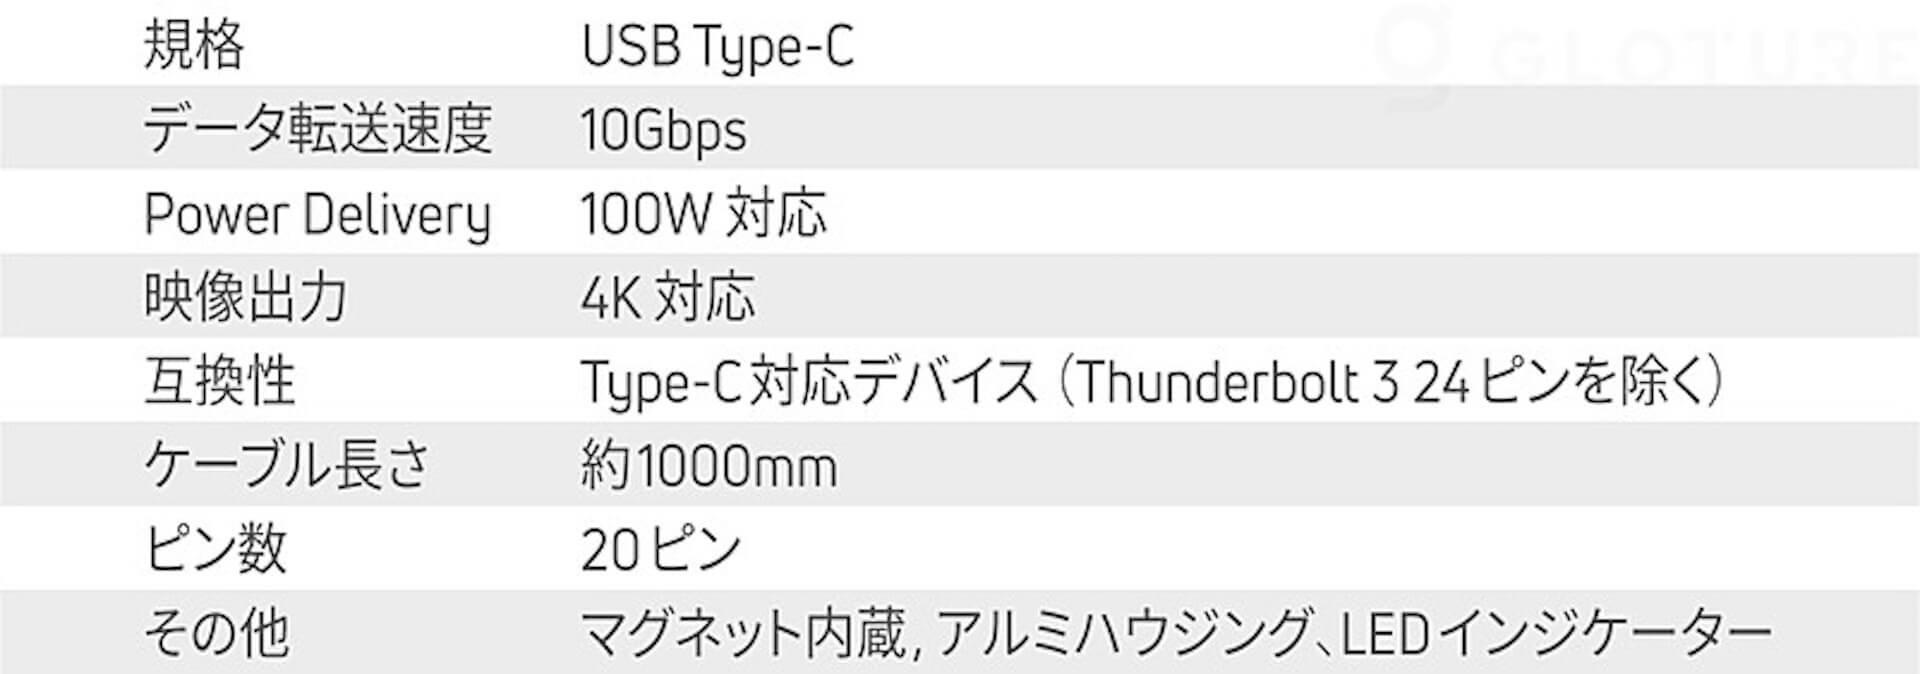 USB-Cのコネクタ同士をマグネットで引き寄せる!「HBLINK Magnet USB-C ケーブル」がGLOTURE.JPに登場 tech200625_usbc_cable_9